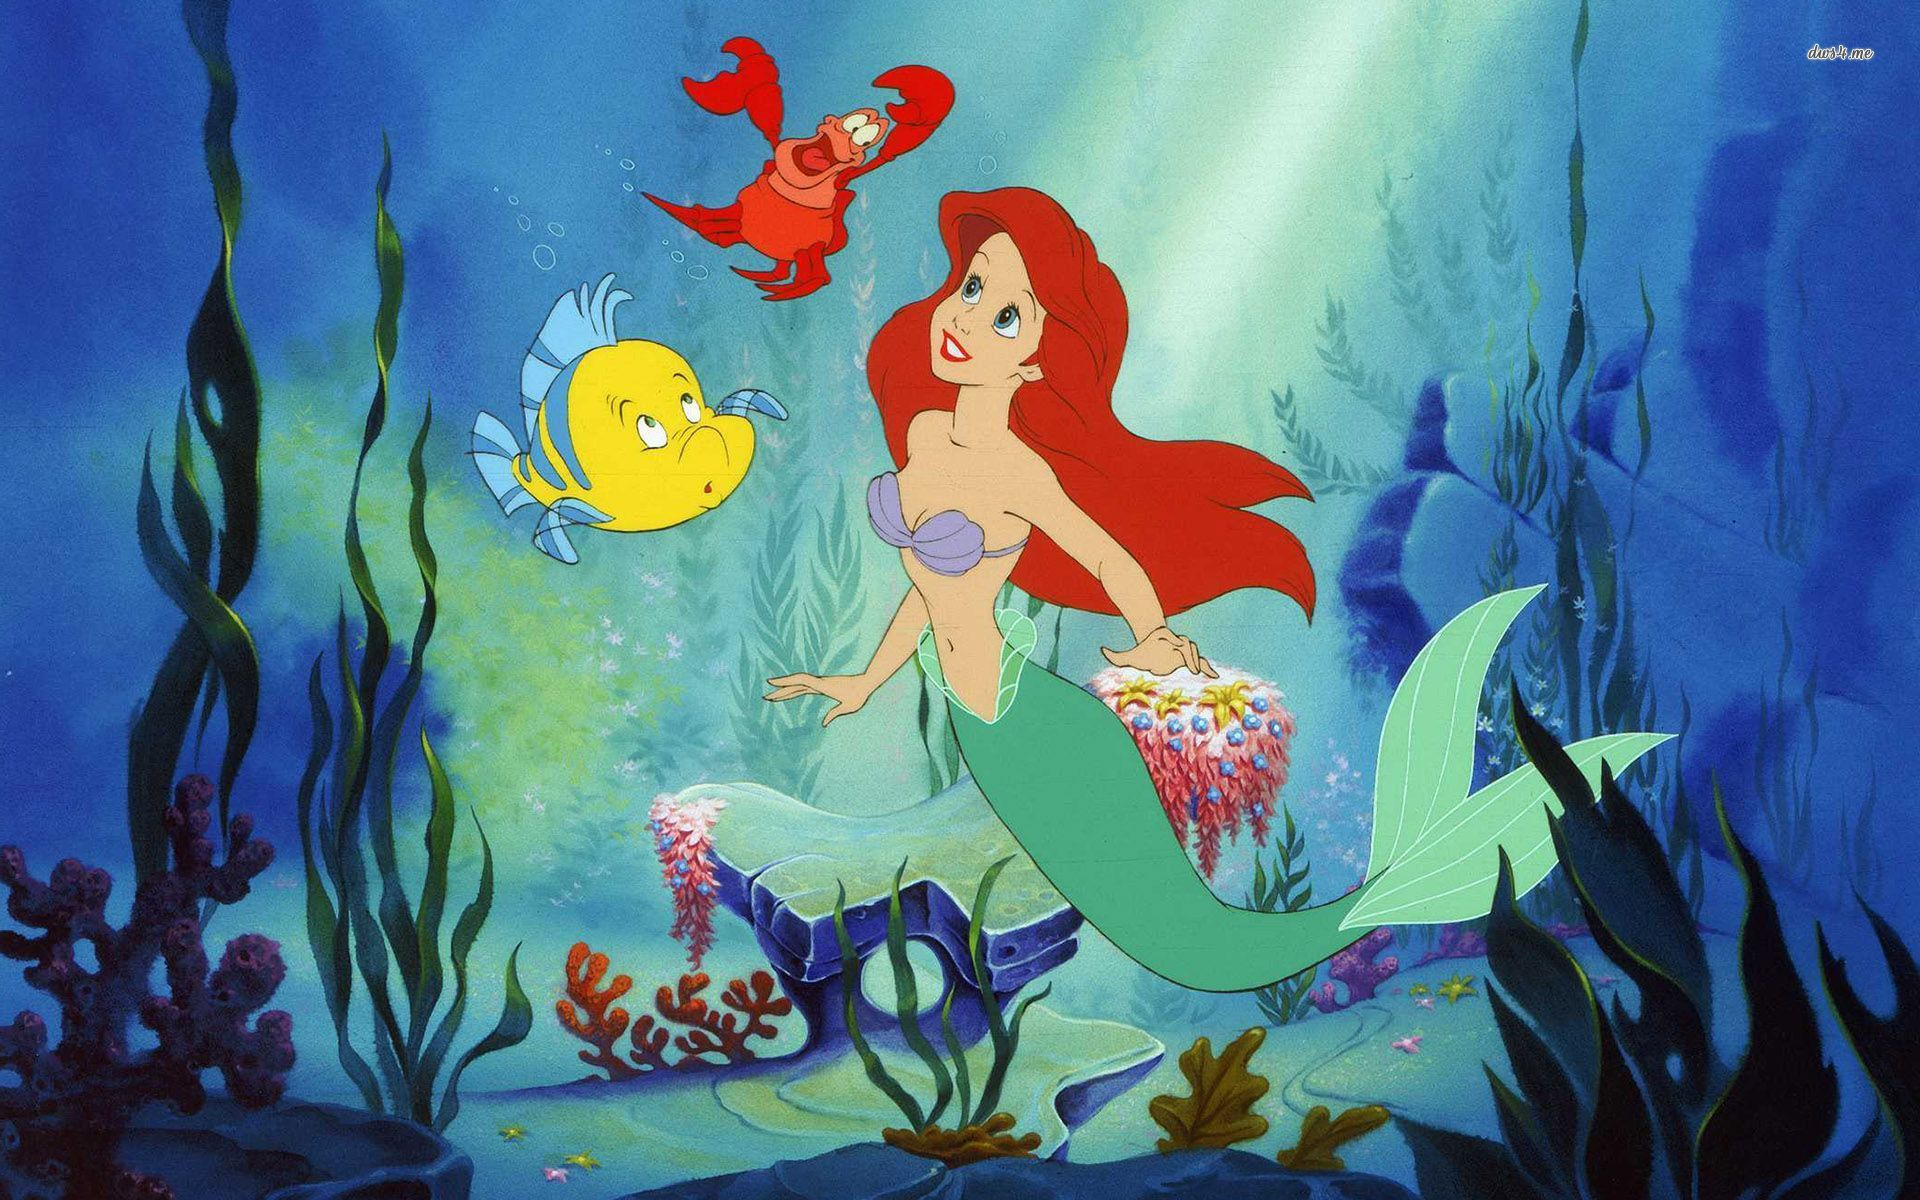 The Little Mermaid Wallpaper Desktop - WallpaperSafari